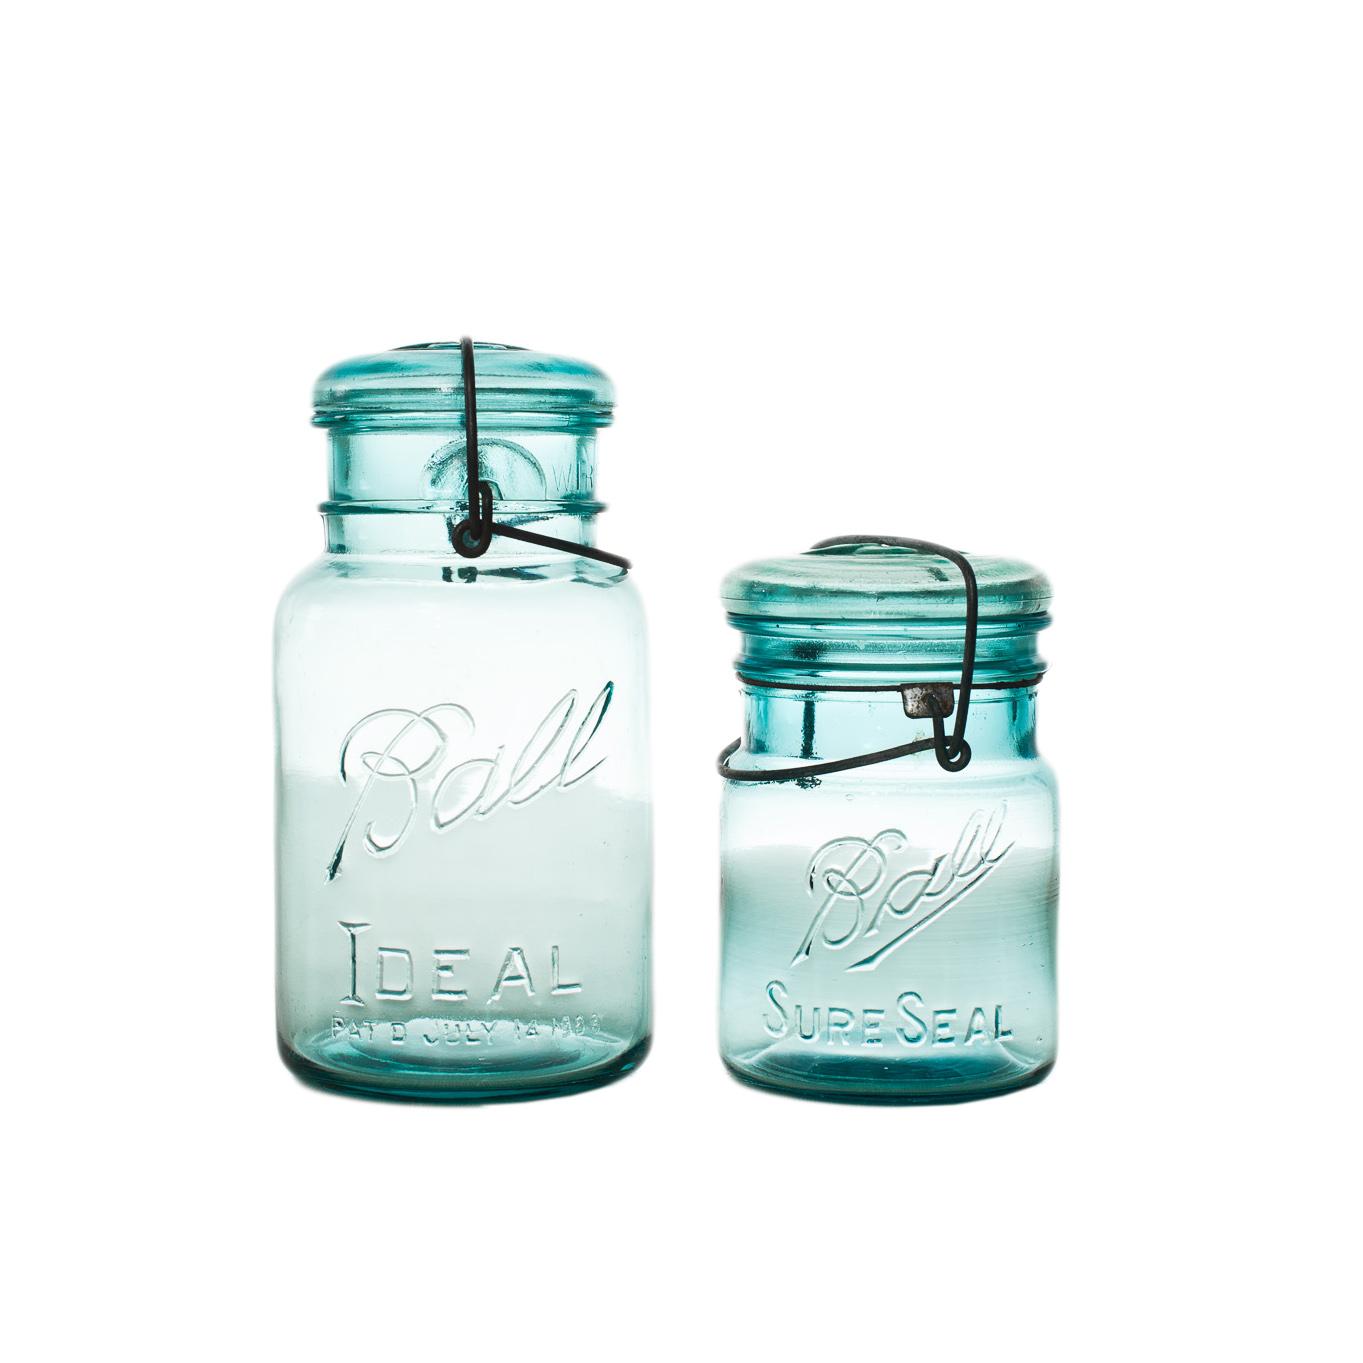 Blue Mason Jar with Lid